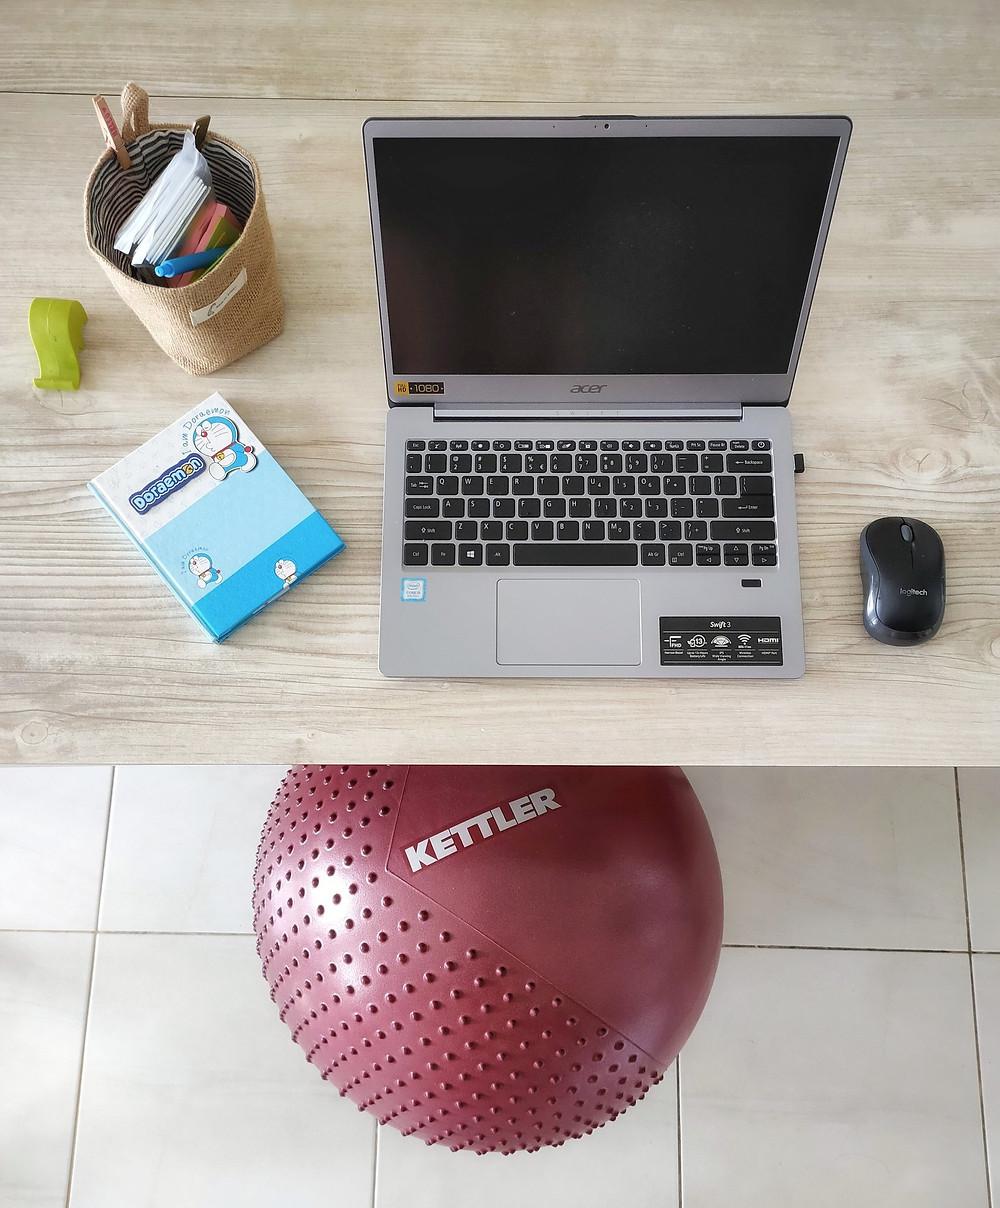 Mengganti kursi dengan gym ball